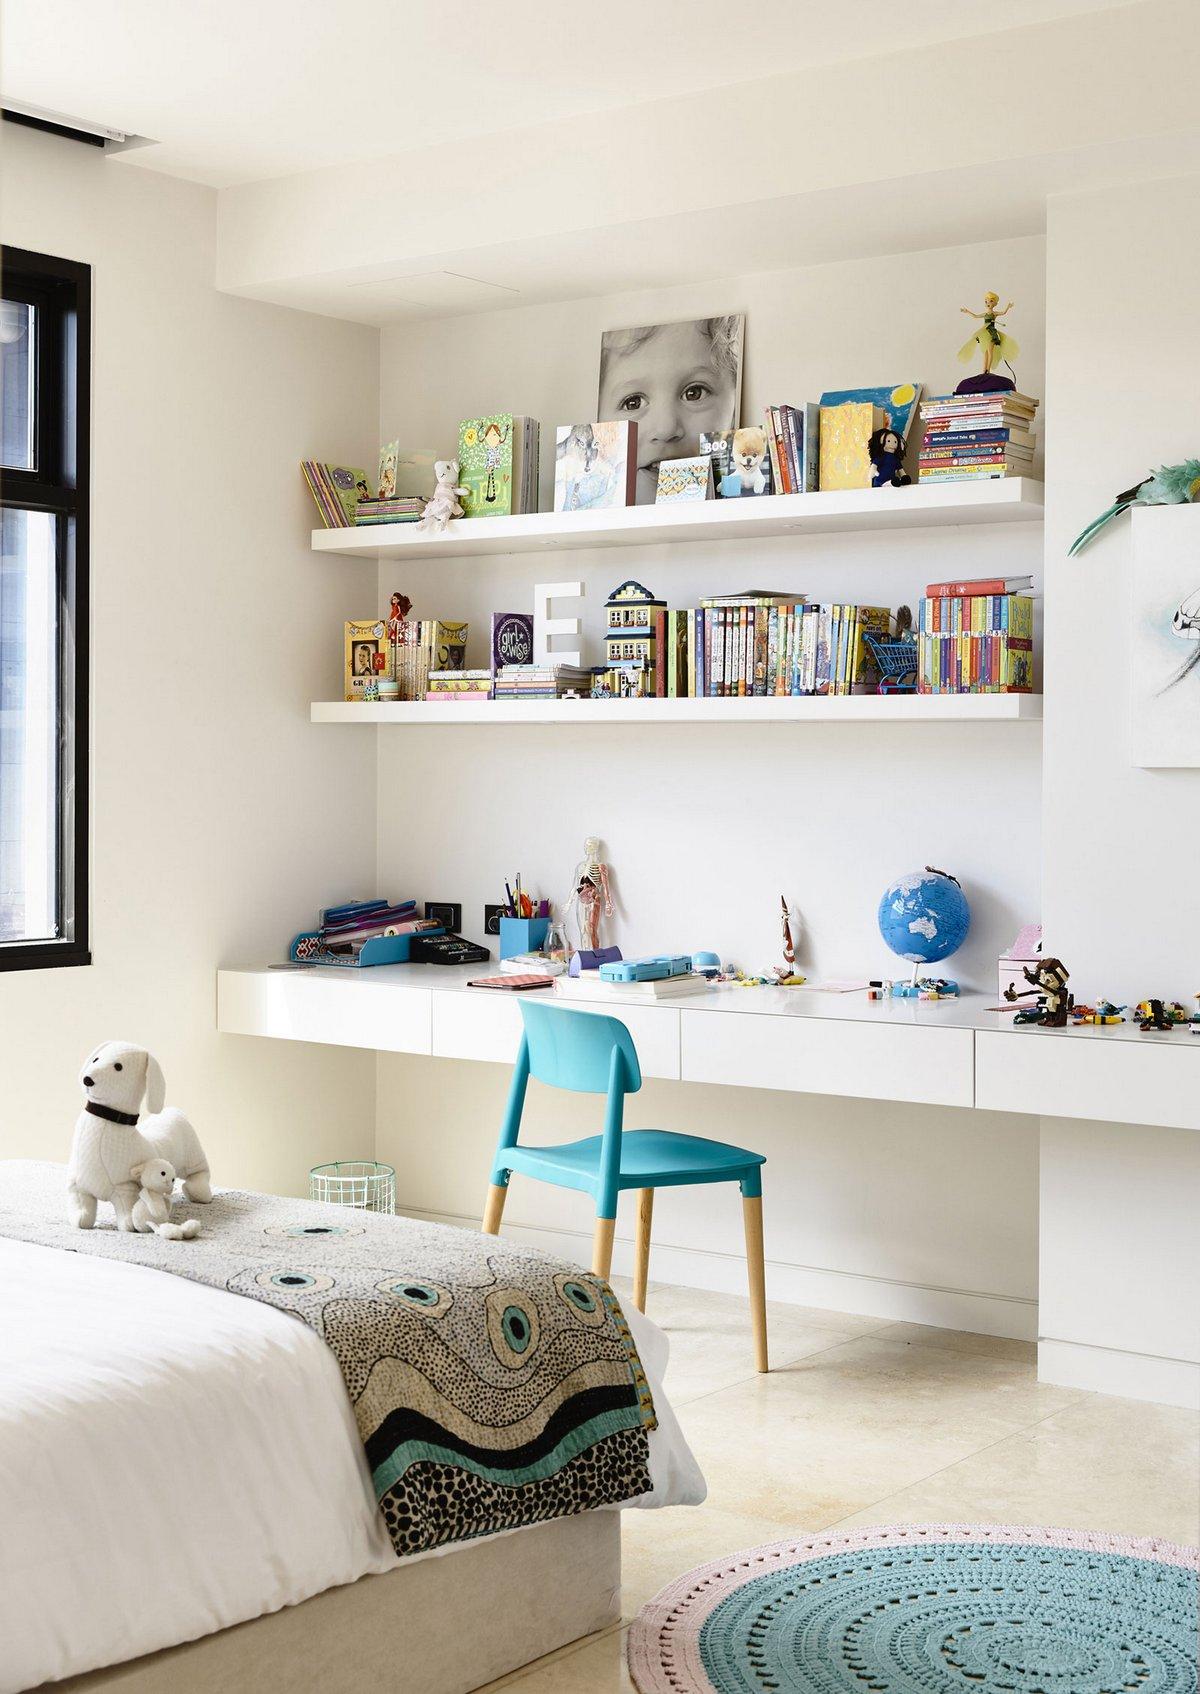 Steve Domoney Architecture, интерьеры частных домов фото, интерьер частных домов внутри, дом на берегу океана, черно белый фасад частного дома